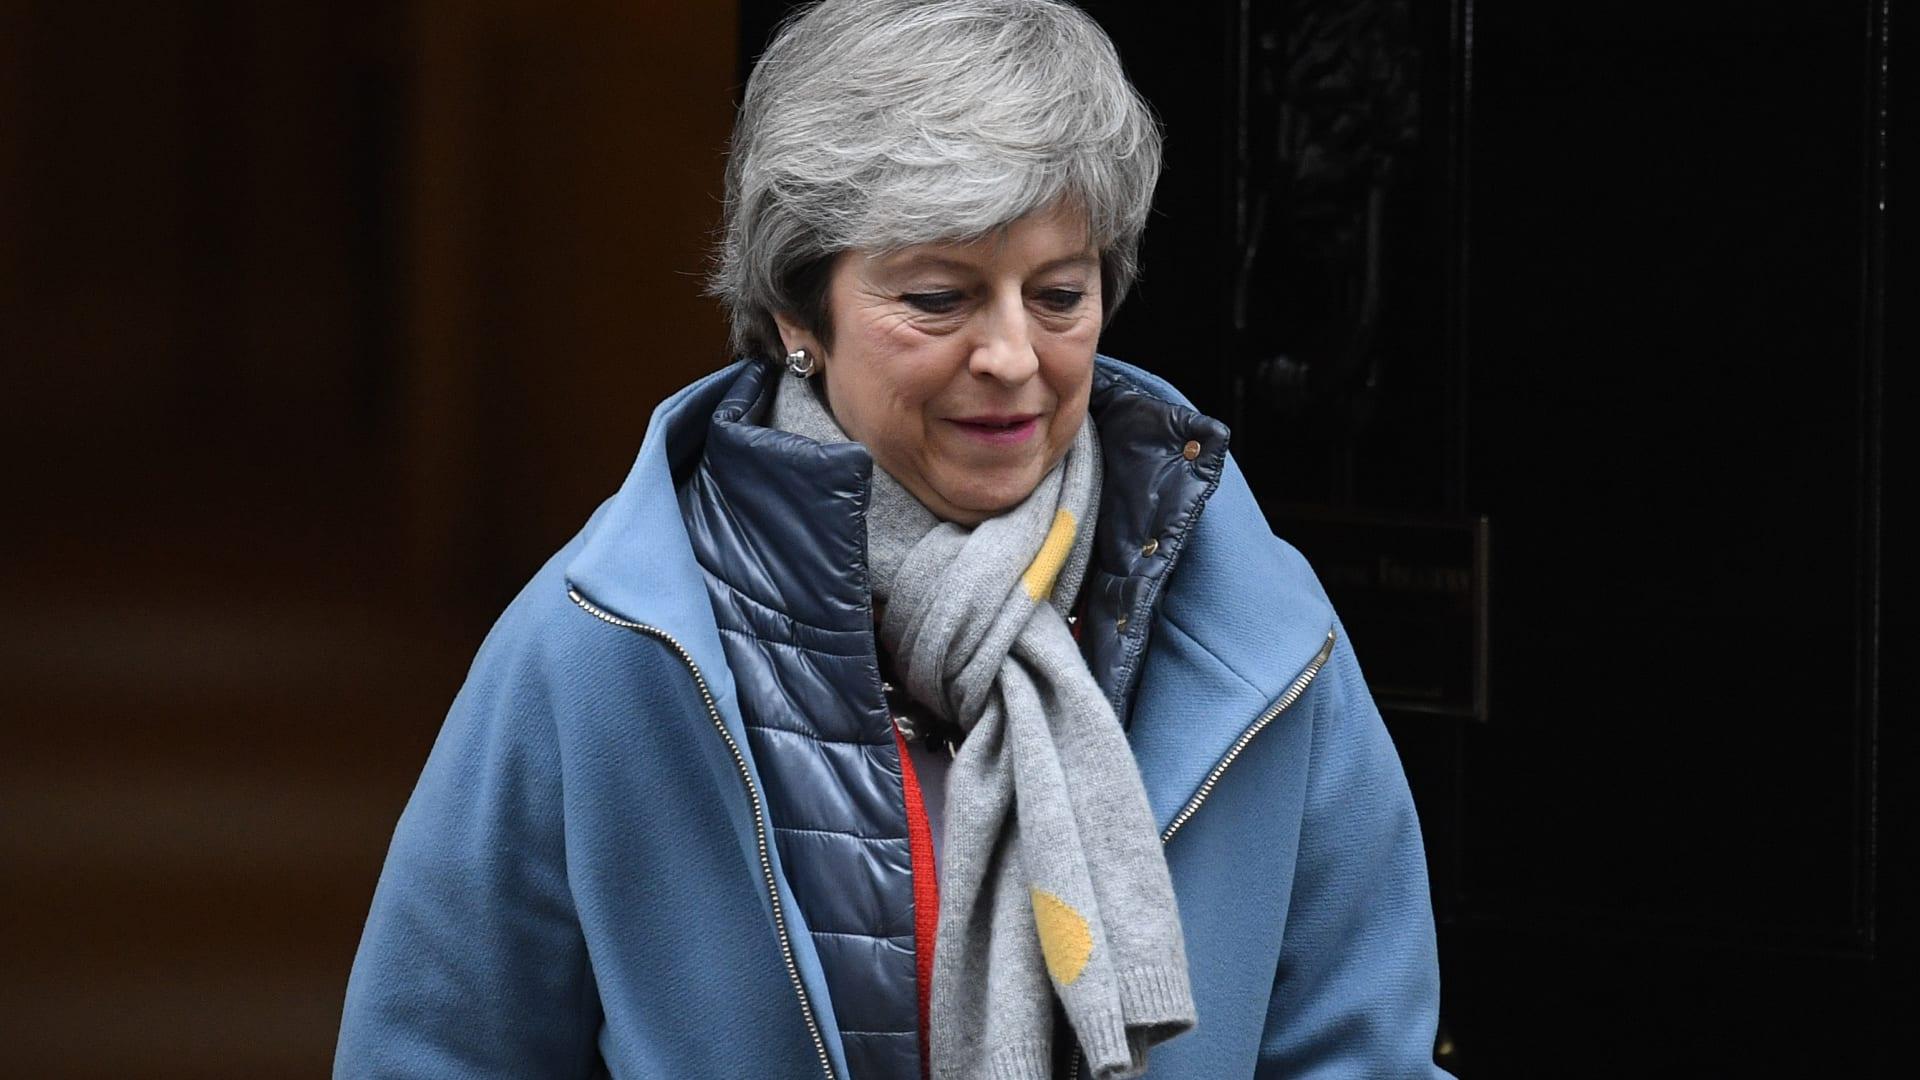 """مستثمرون في بريطانيا: """"بريكست"""" بدون صفقة يعني الذهاب لـ""""الهاوية"""""""